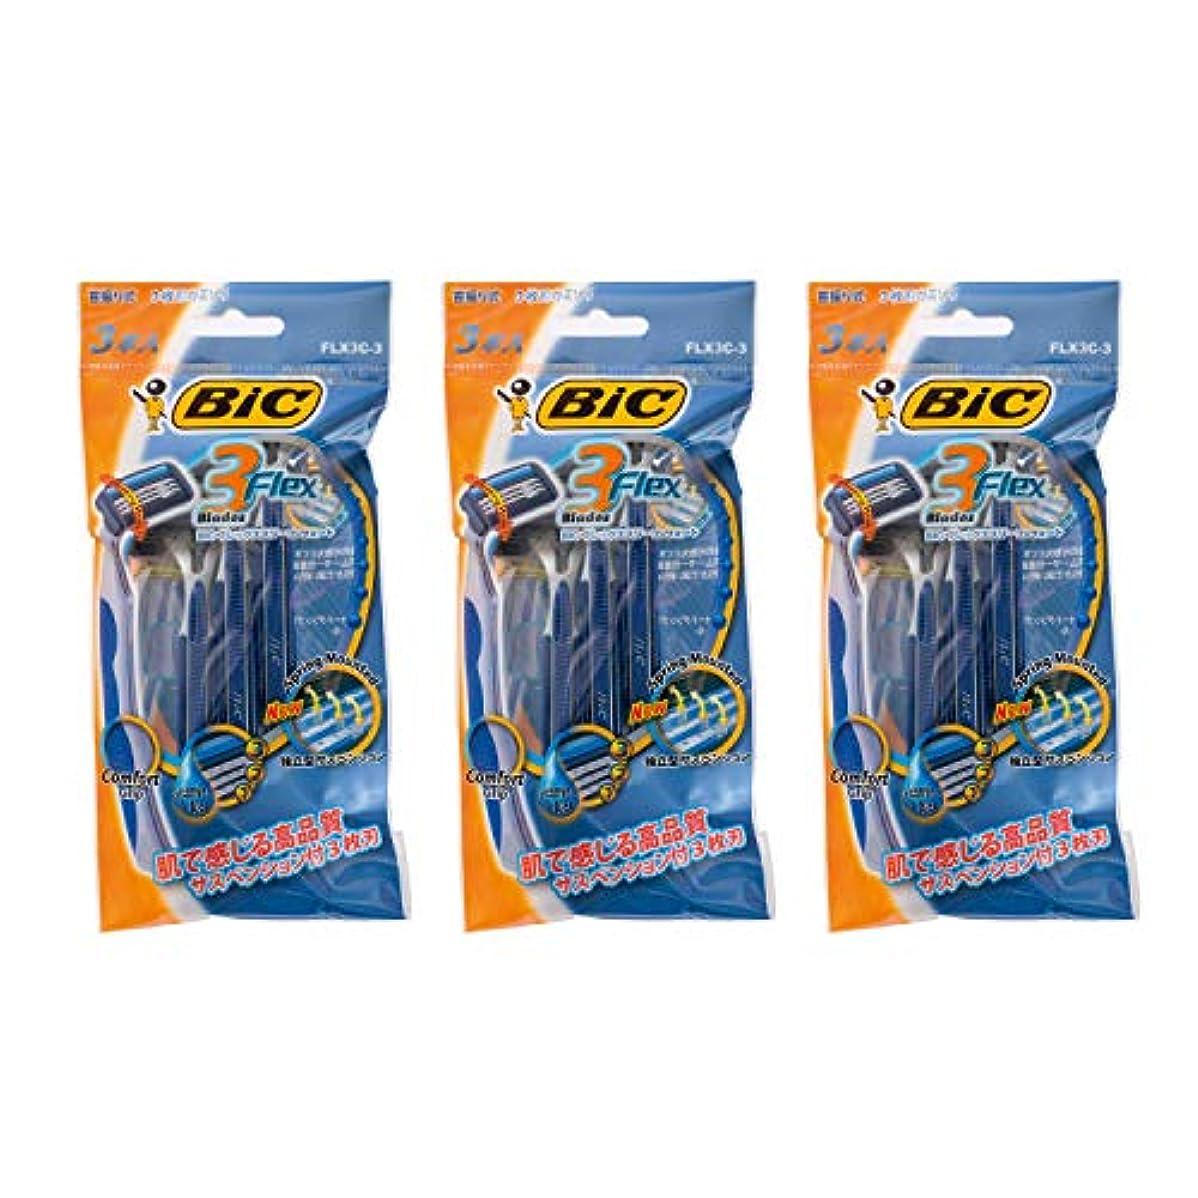 ありふれた毎週影ビック BIC フレックス3 コンフォート3本入 x 3パック(9本) FLEX3 3枚刃 使い捨てカミソリ 首振り サスペンション ディスポ